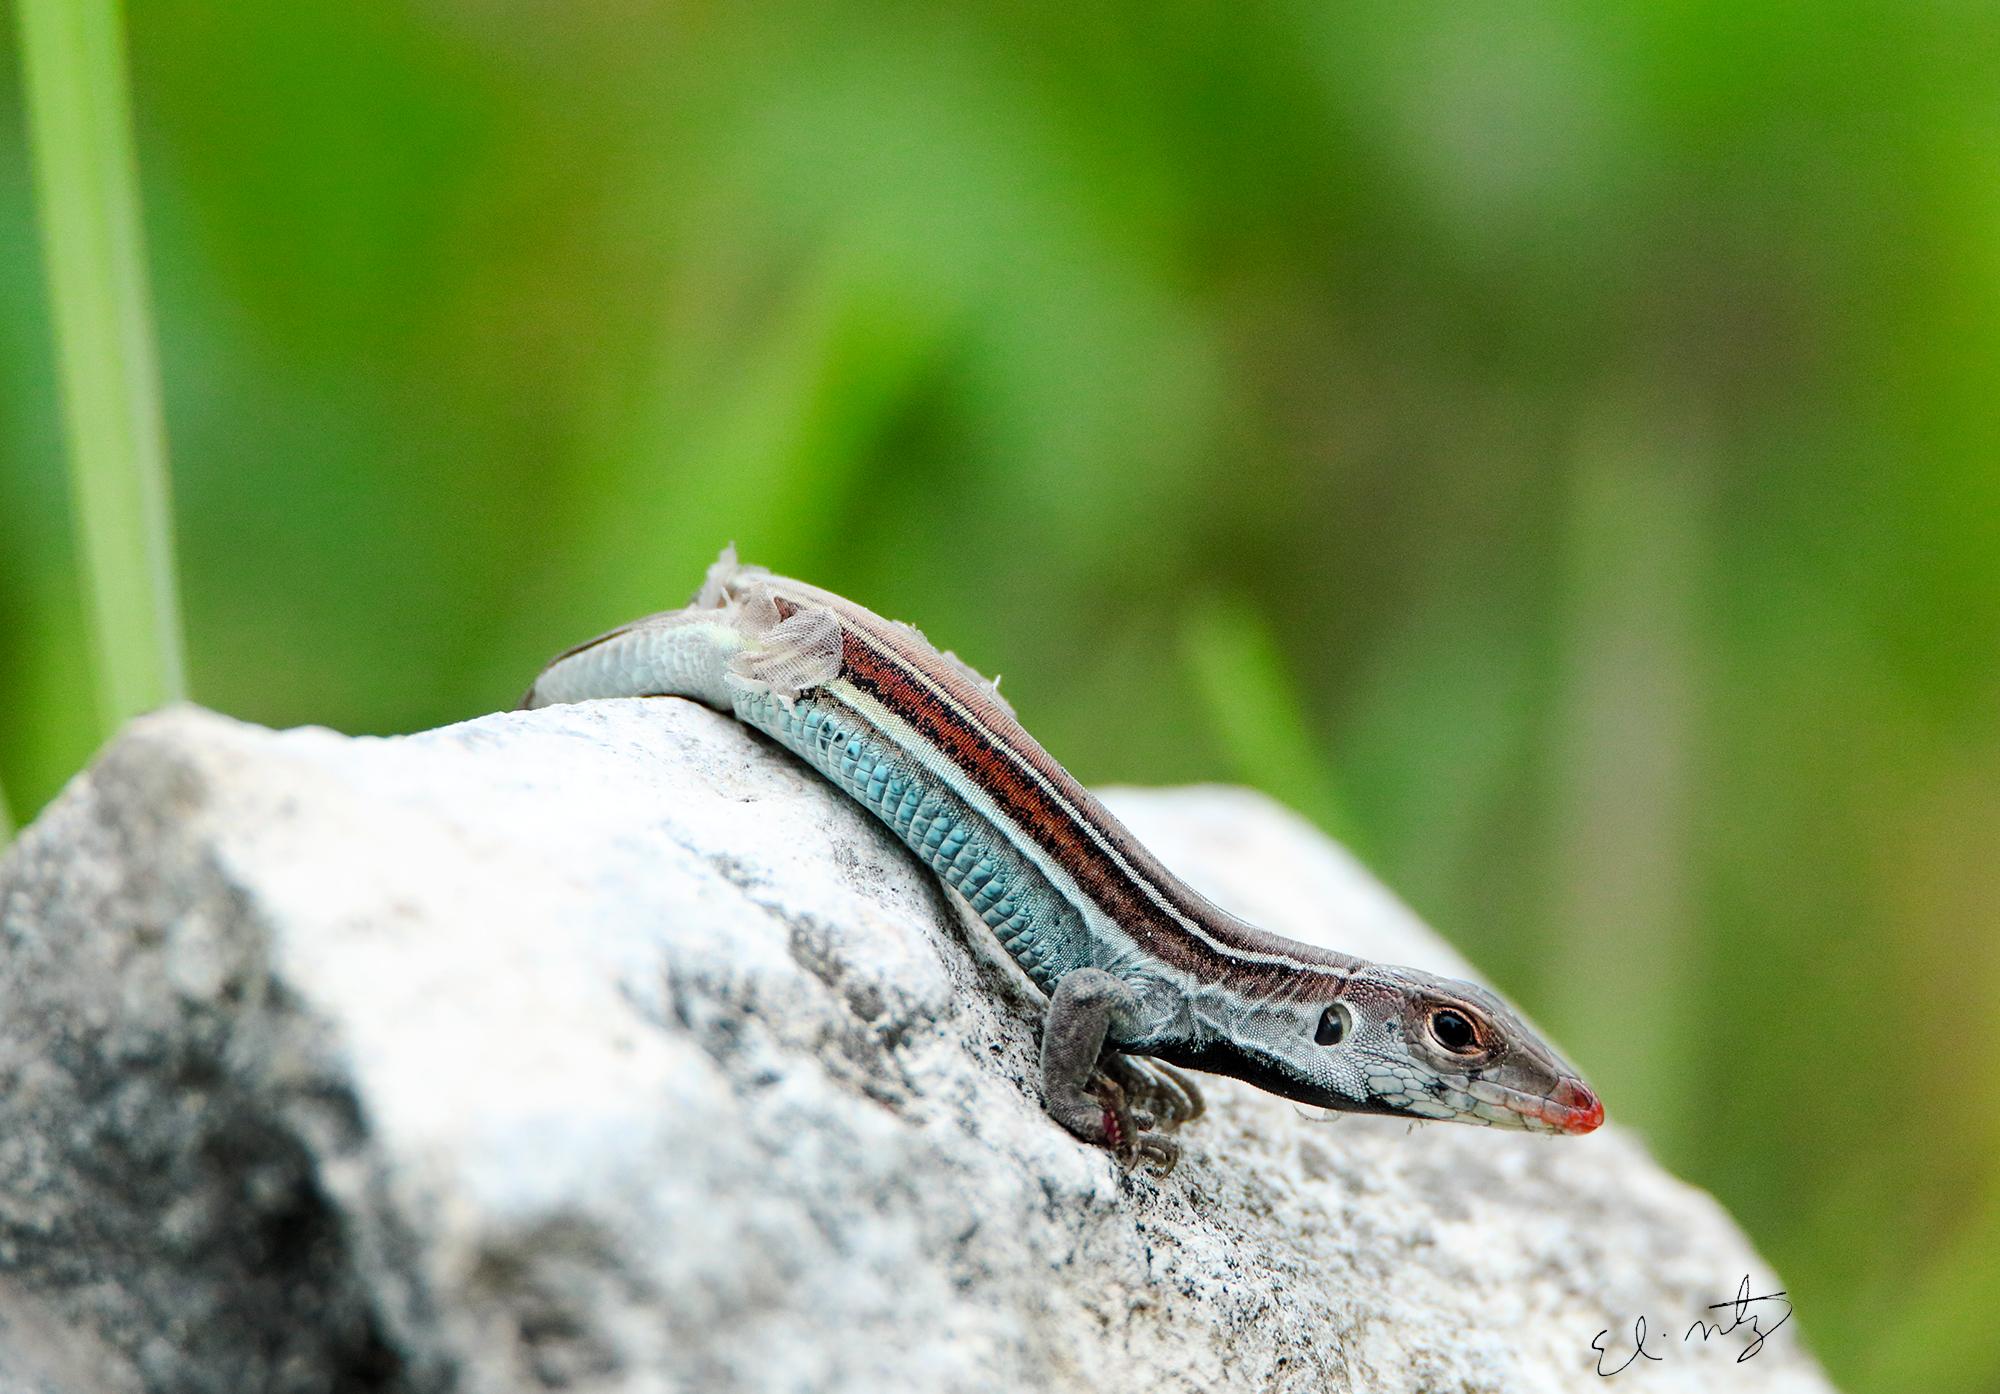 racerback lizard.jpg